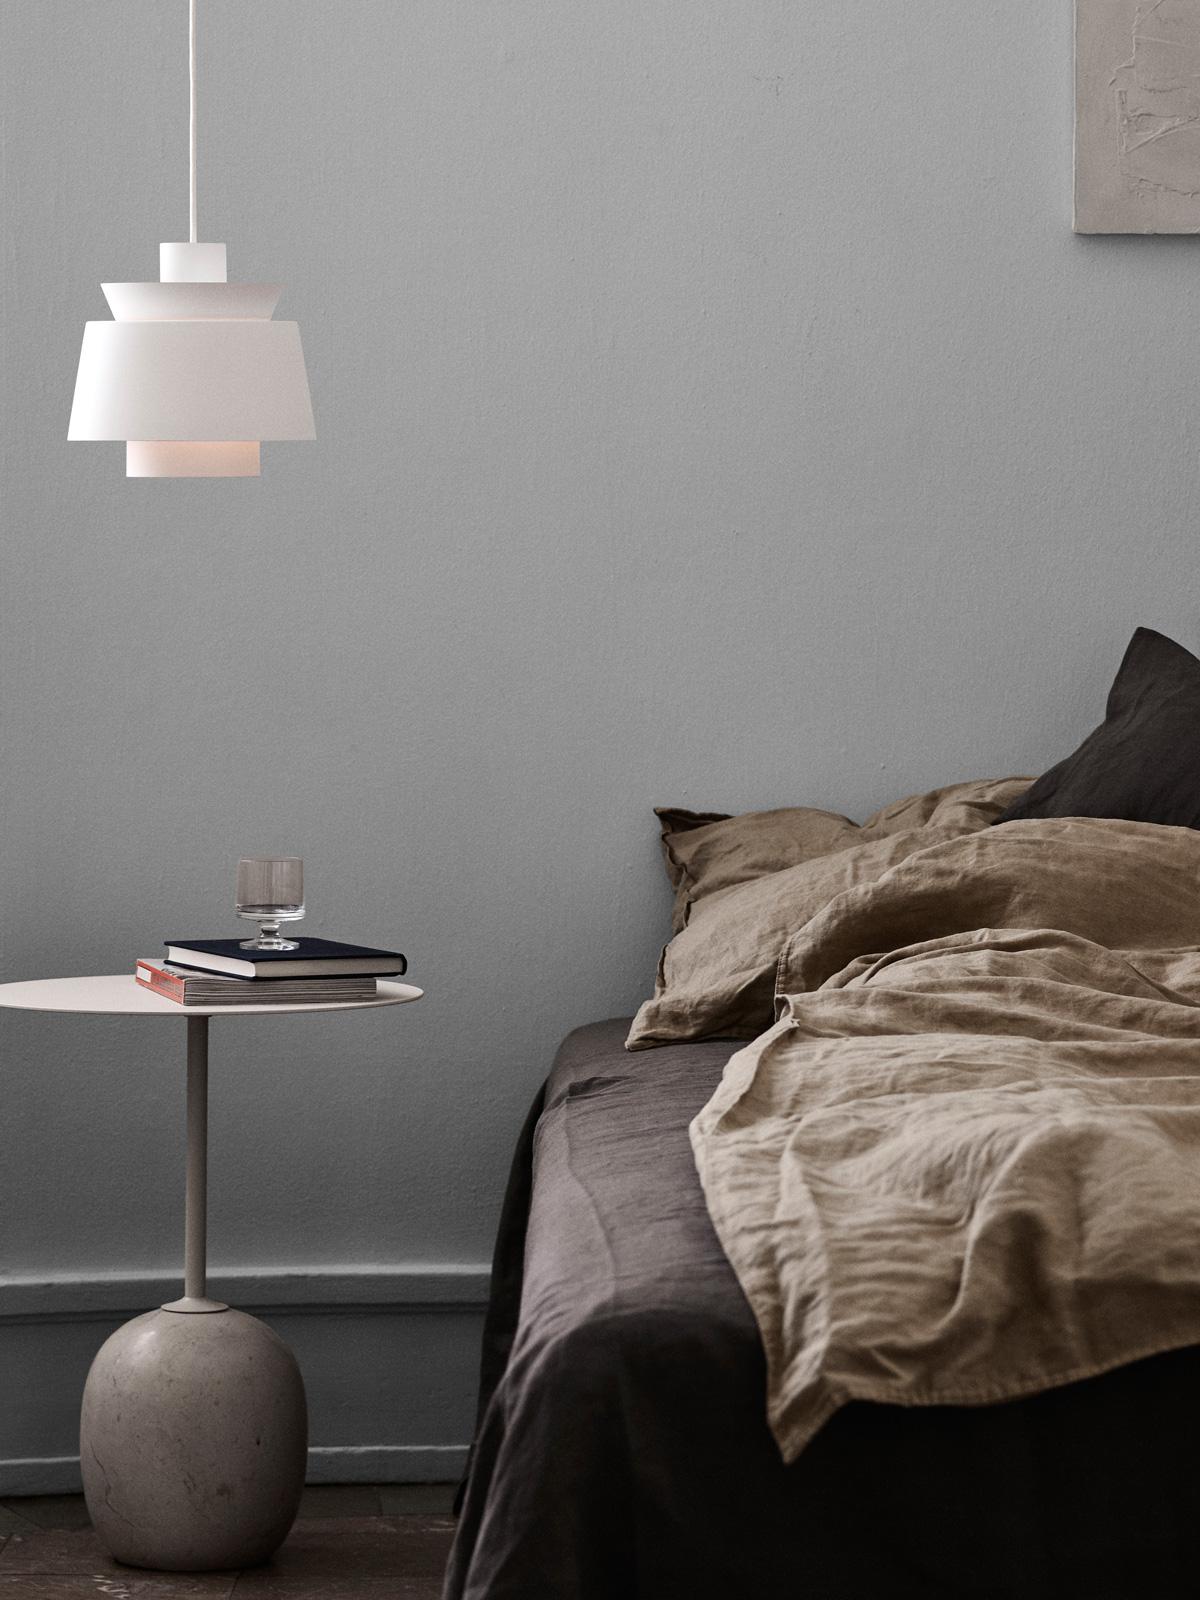 DesignOrt Blog: &tradition Utzon Pendelleuchte Hängelampe skandinavisch Design Klassiker Lampe skandinavisch Utzon JU1